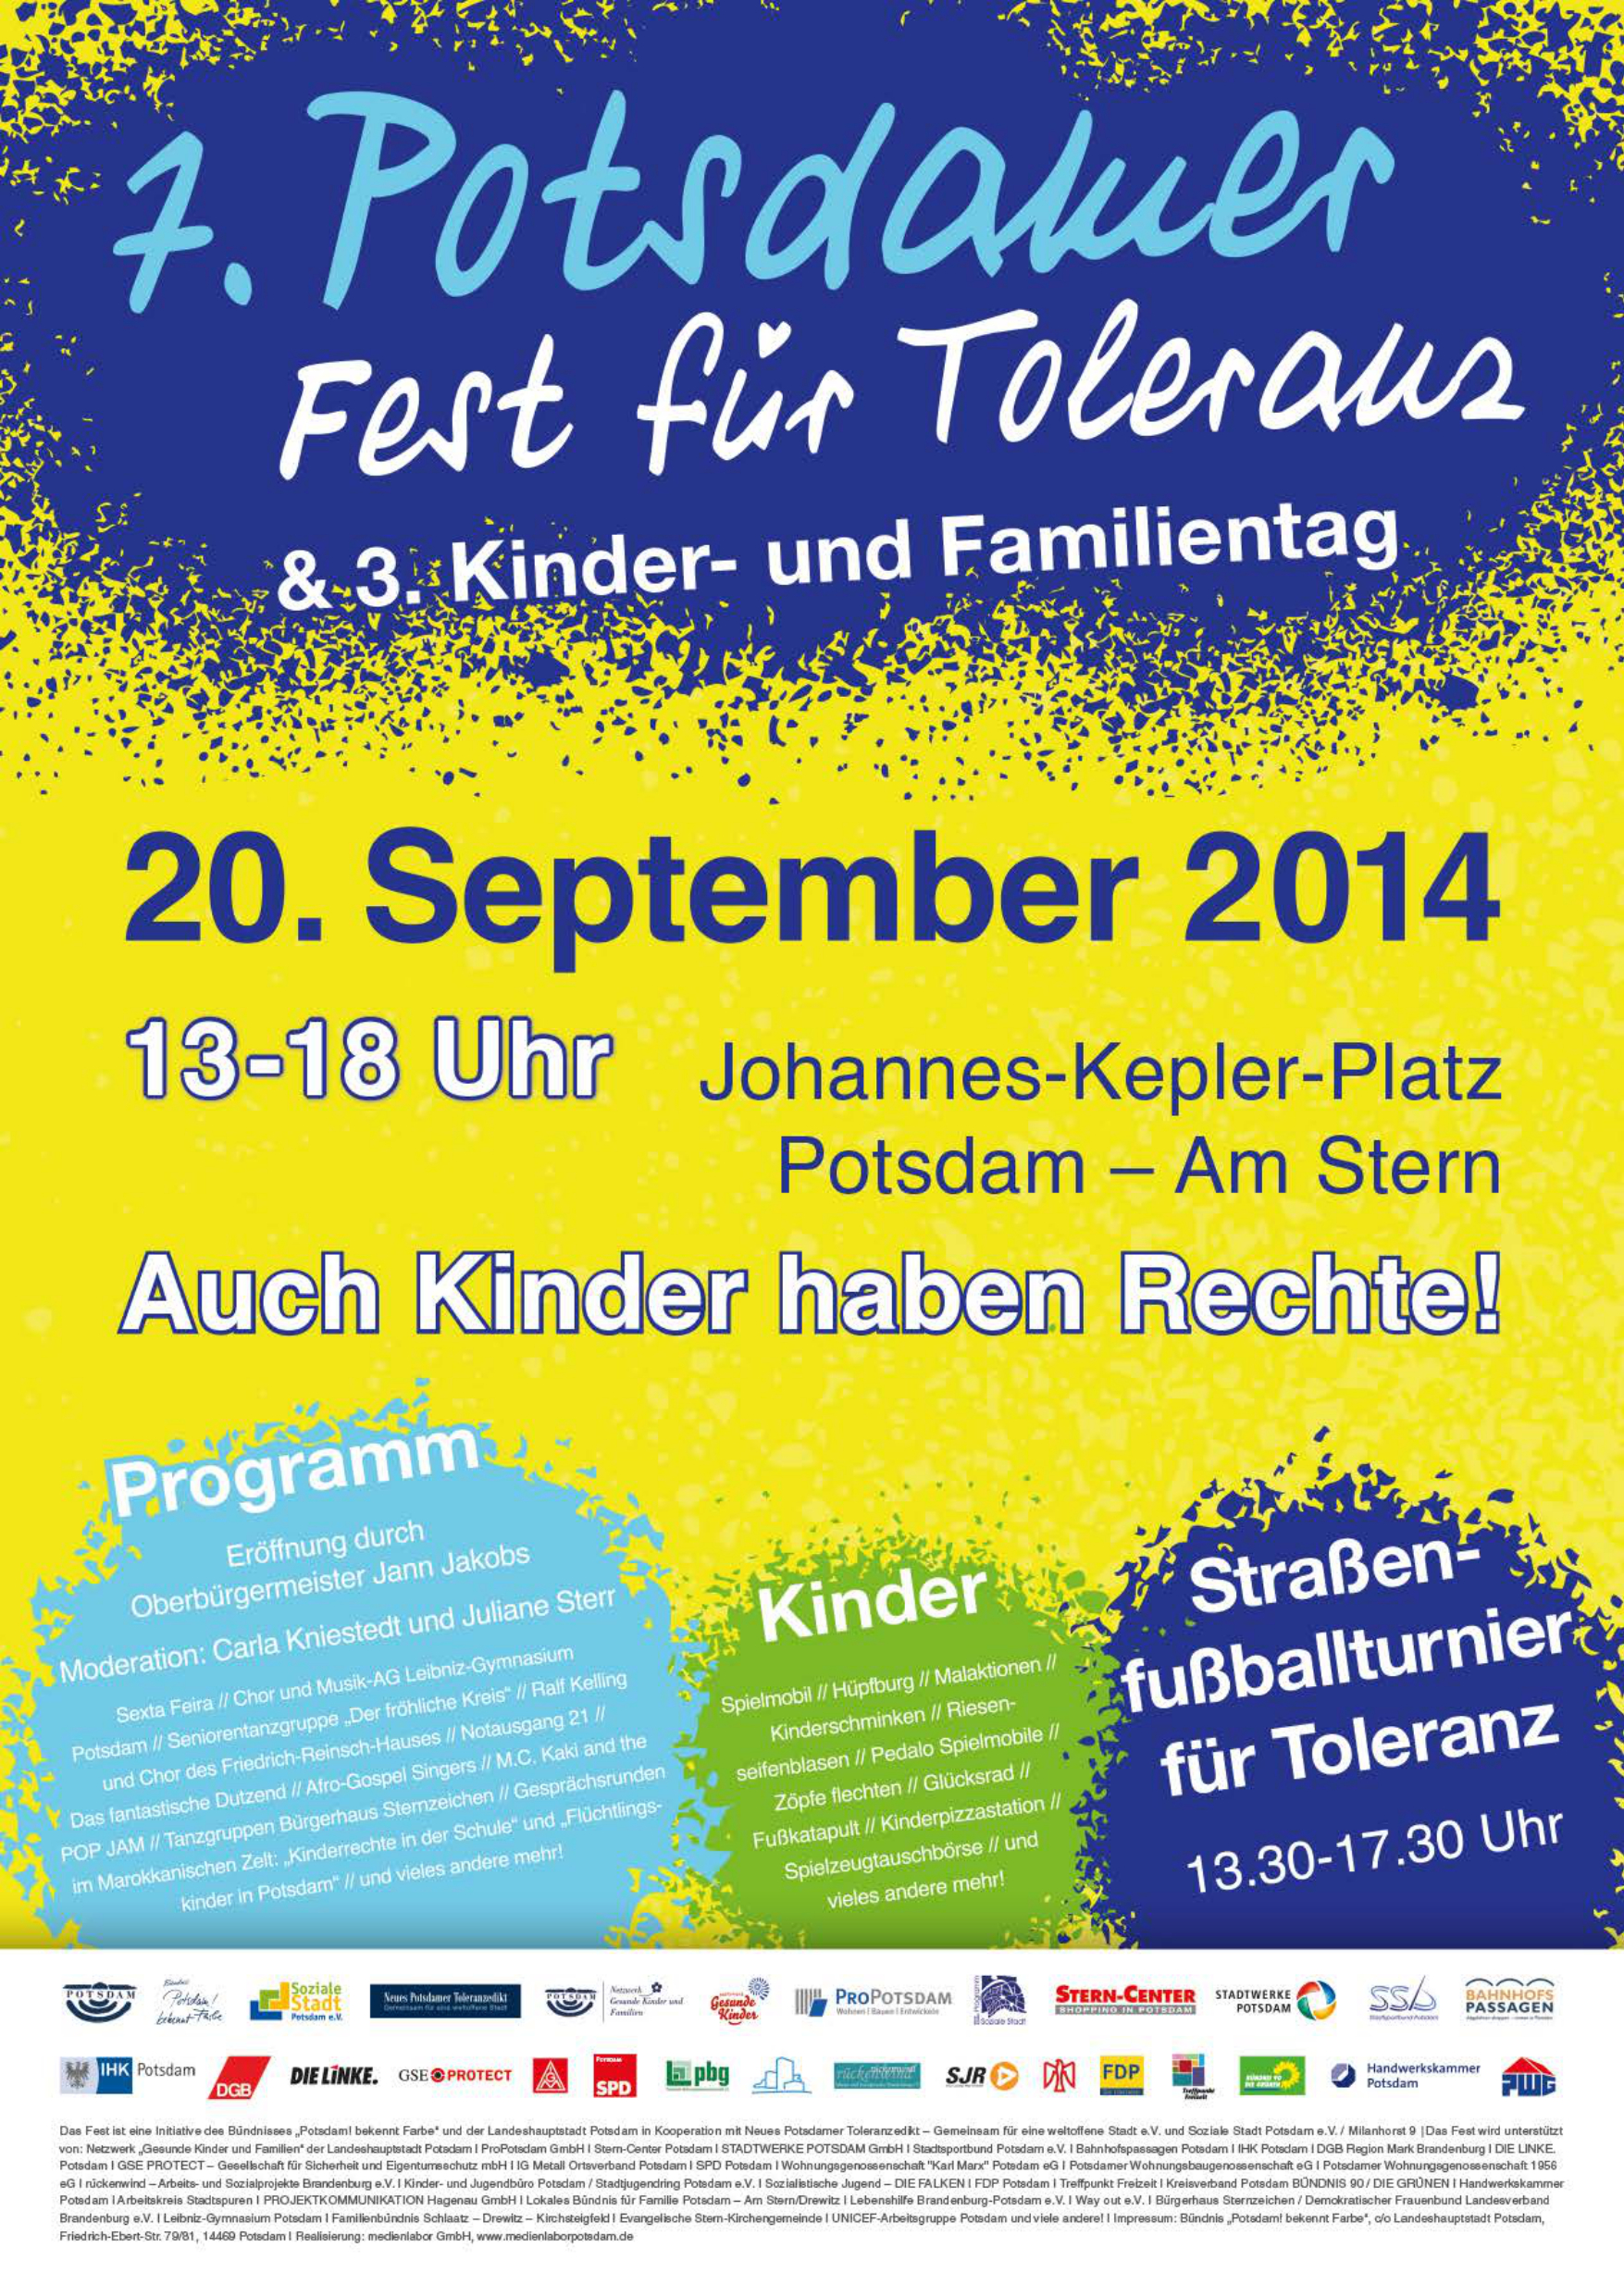 Fest für Toleranz 2014